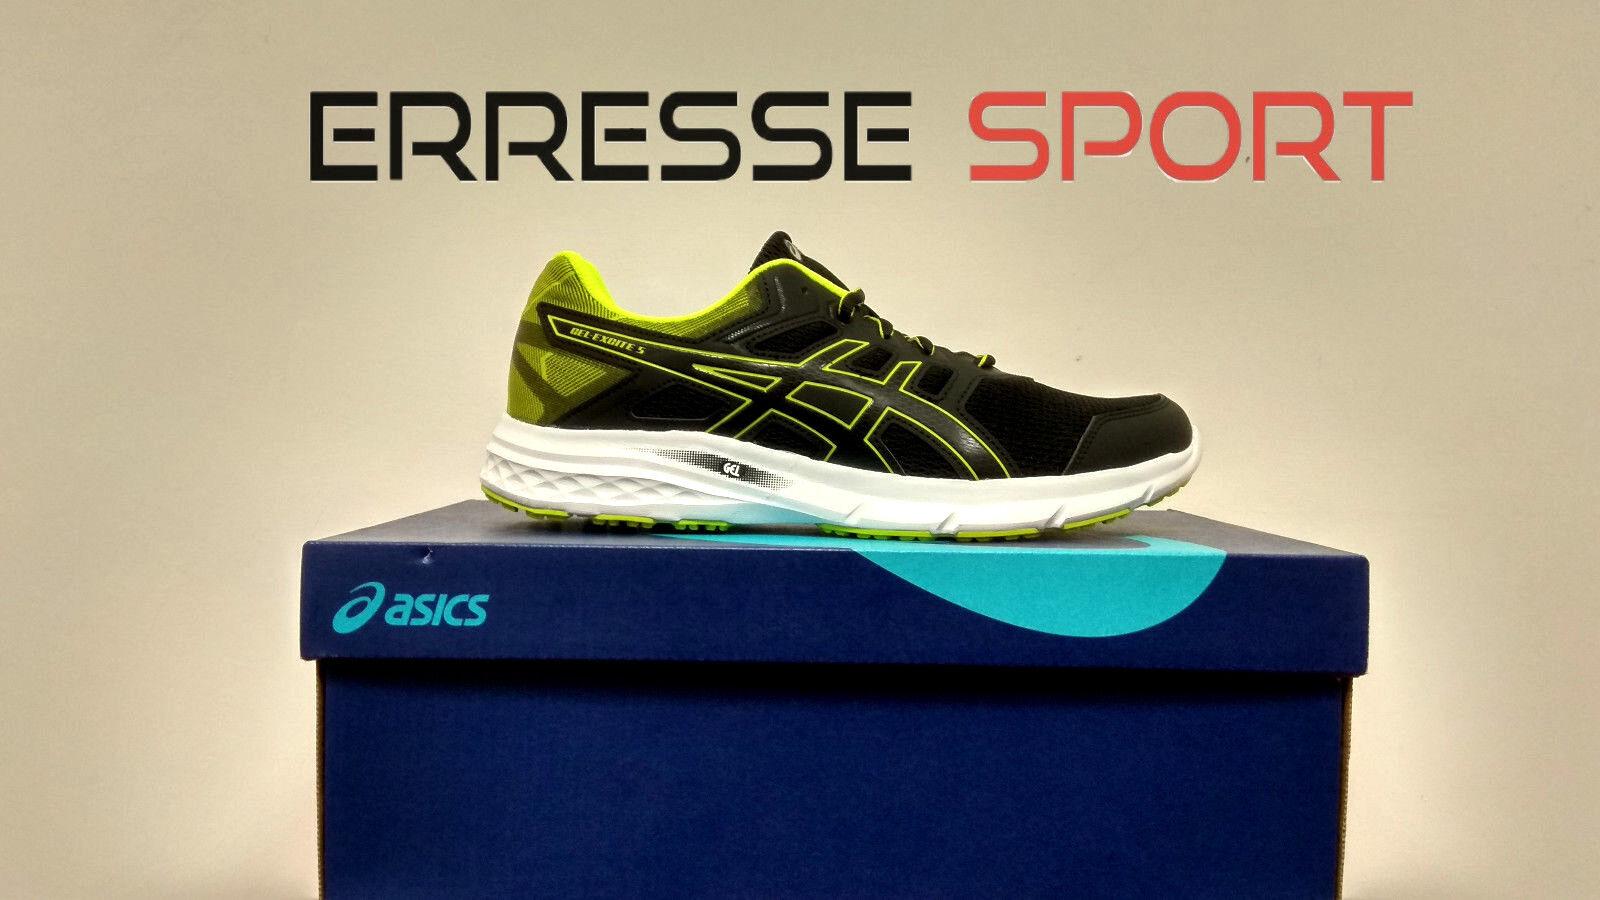 Asics Gel Excite 5 5 Excite Zapatos ginnastica running corsa hombre eaa06e